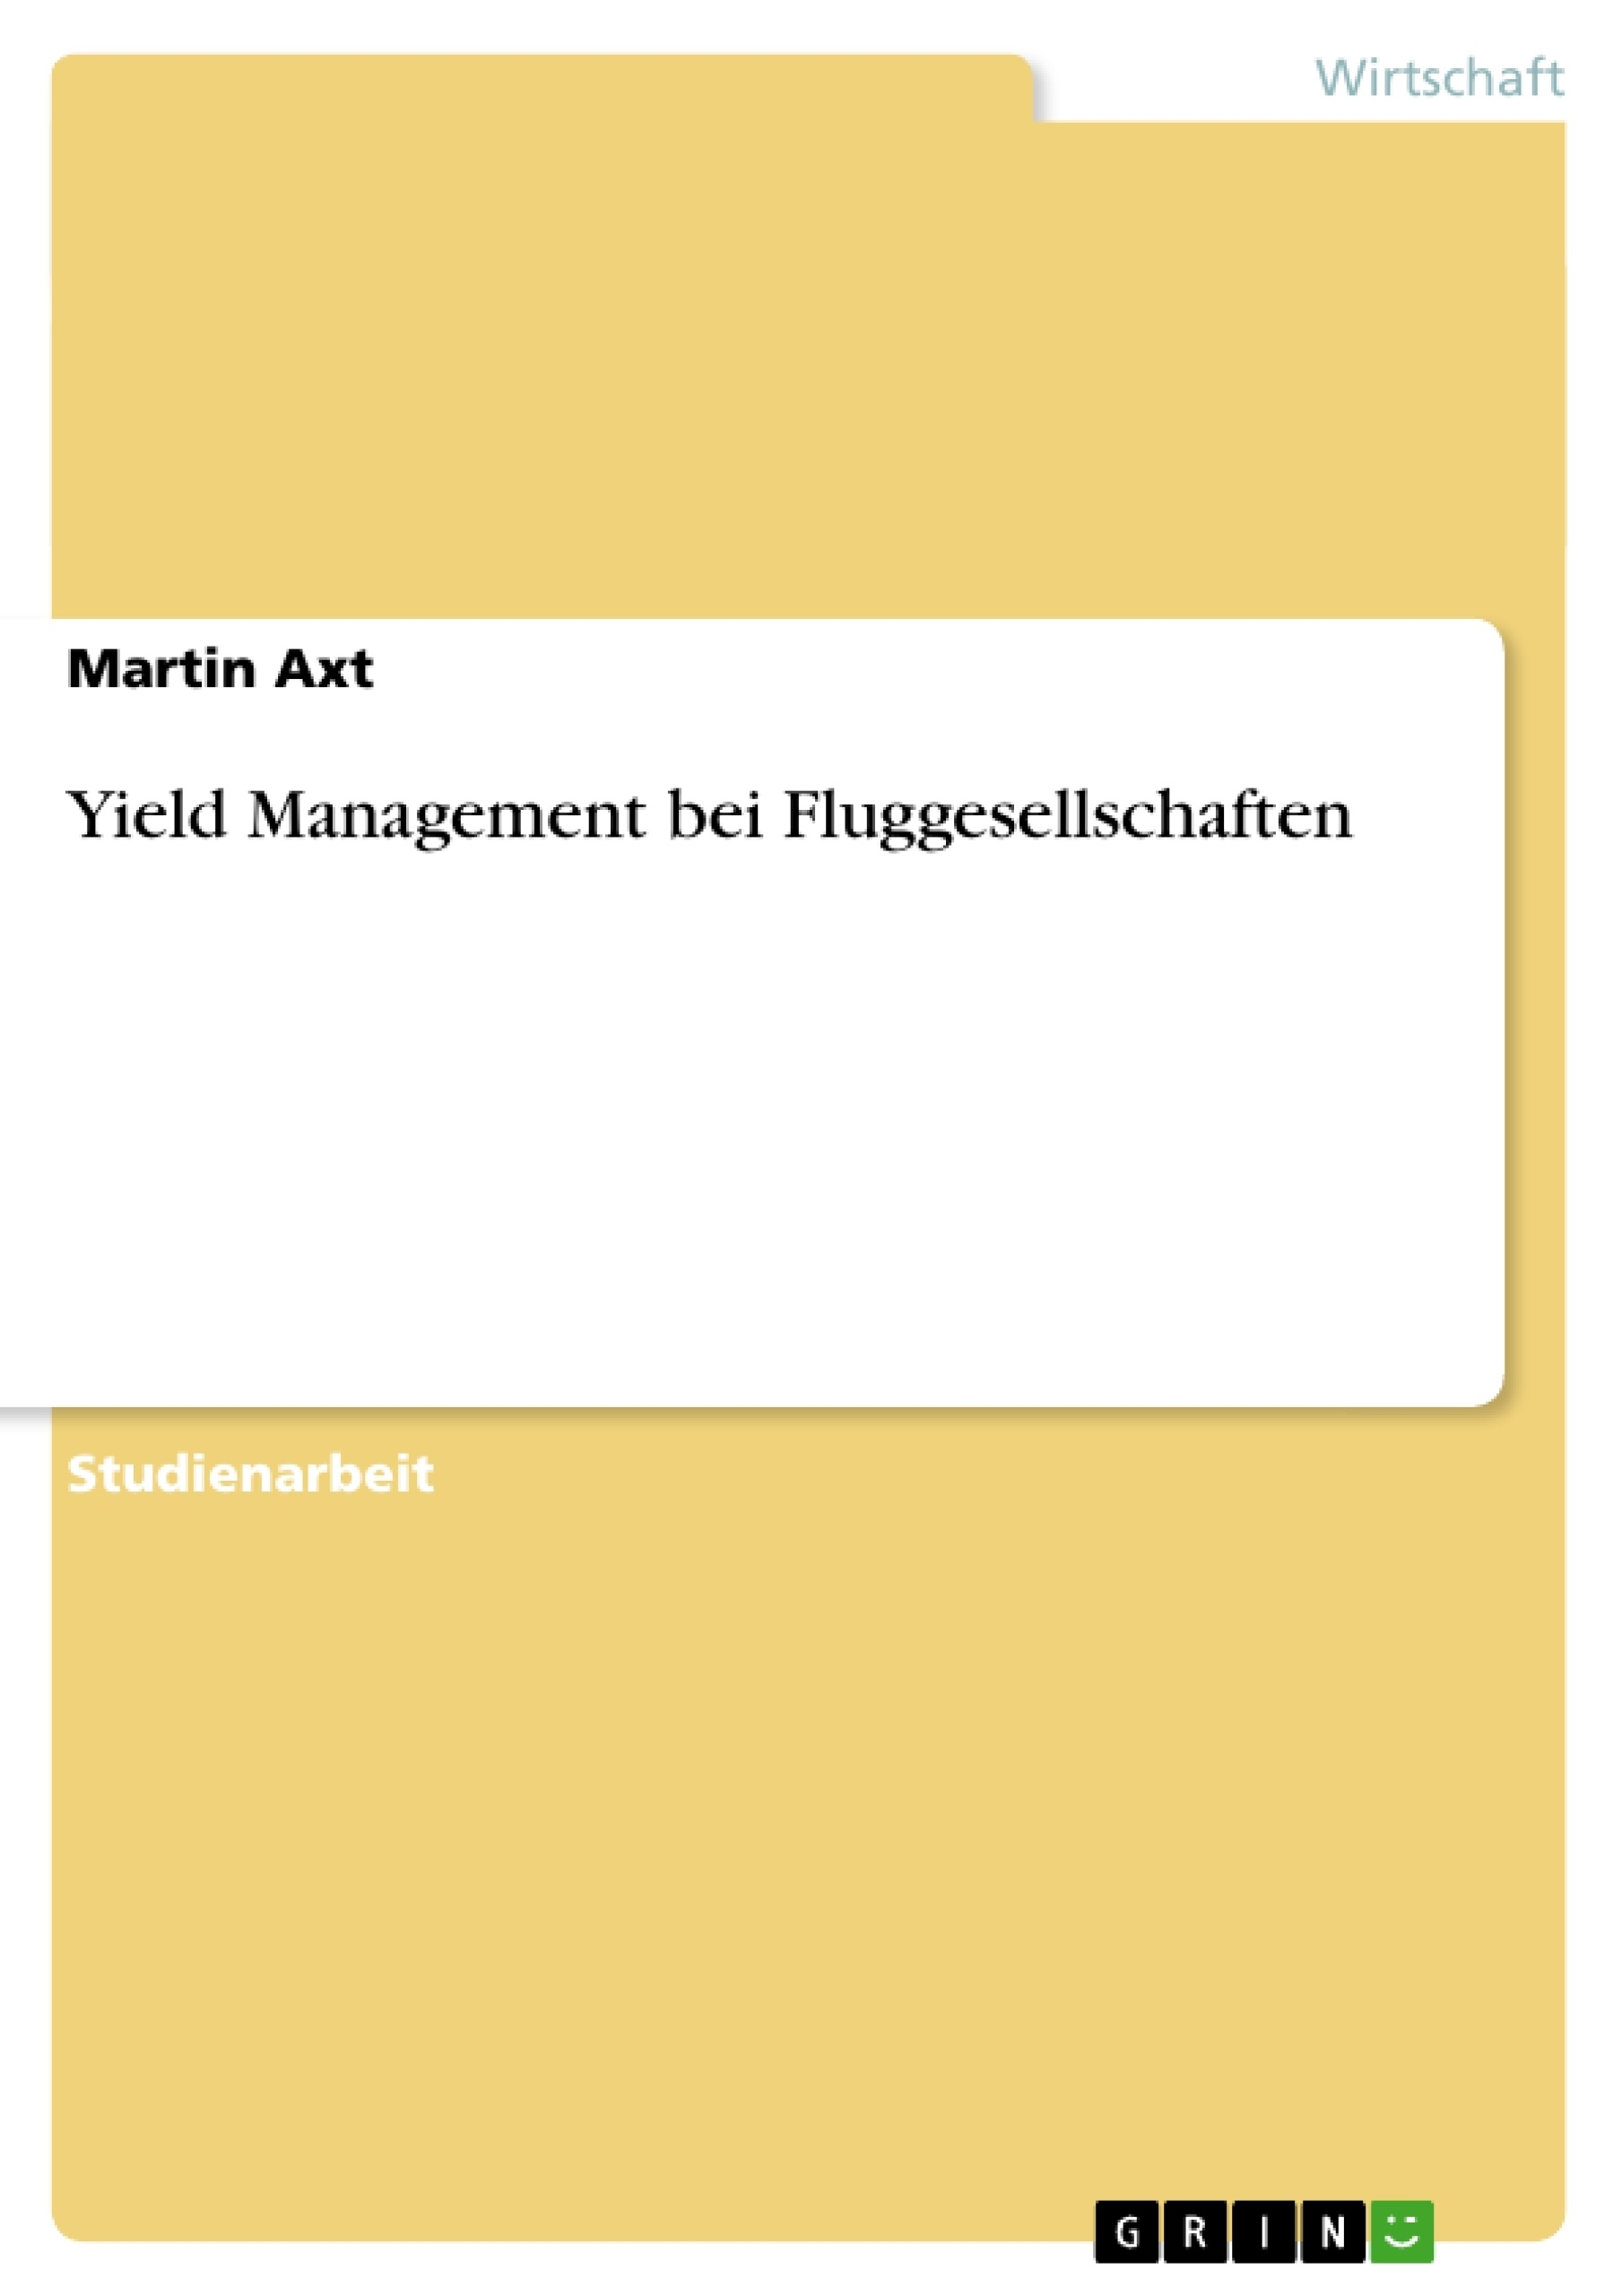 Titel: Yield Management bei Fluggesellschaften